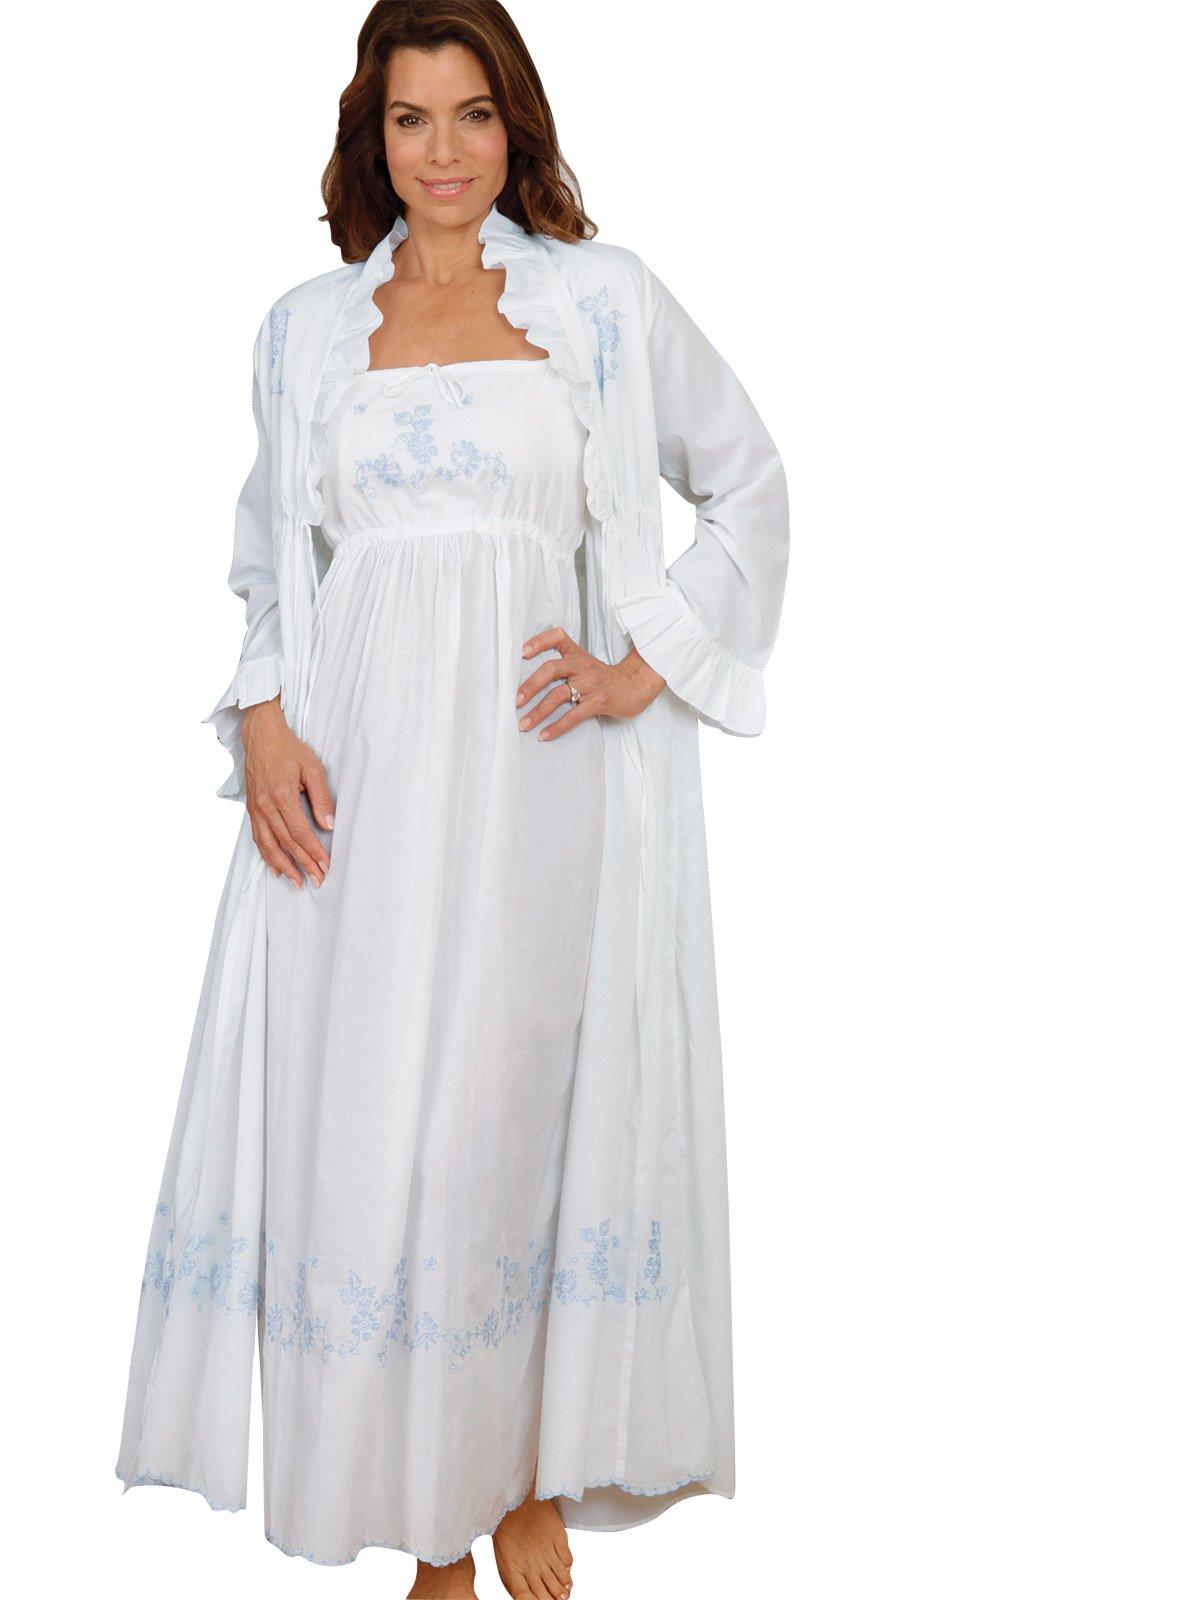 Schweitzer Linen Melanie Robes, Blue (Medium) by Schweitzer Linen